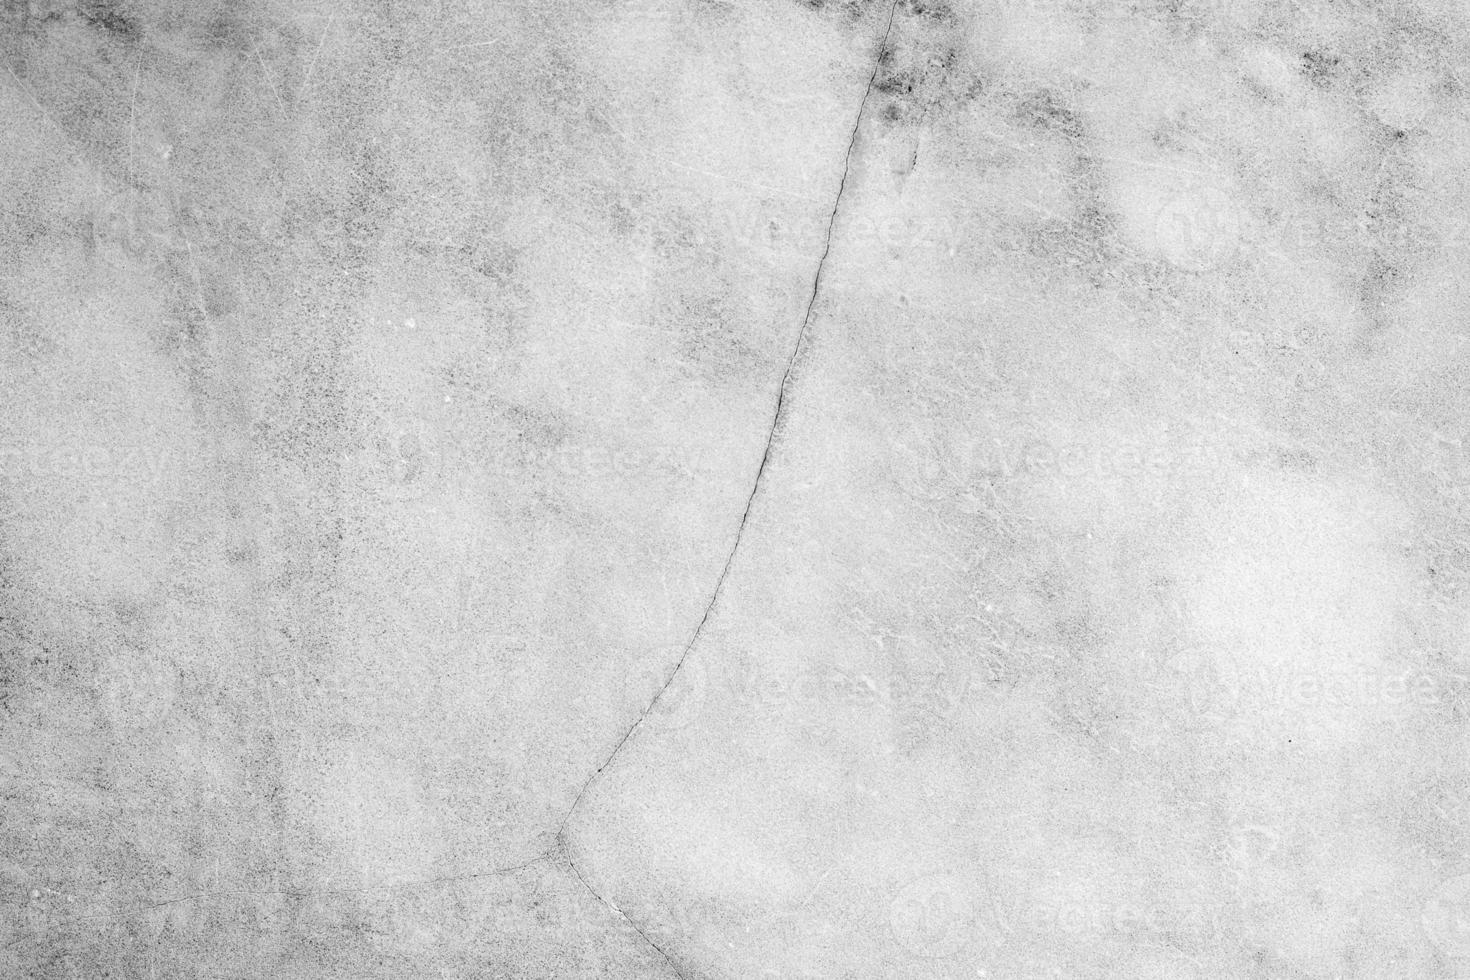 fond de marbre blanc et gris photo